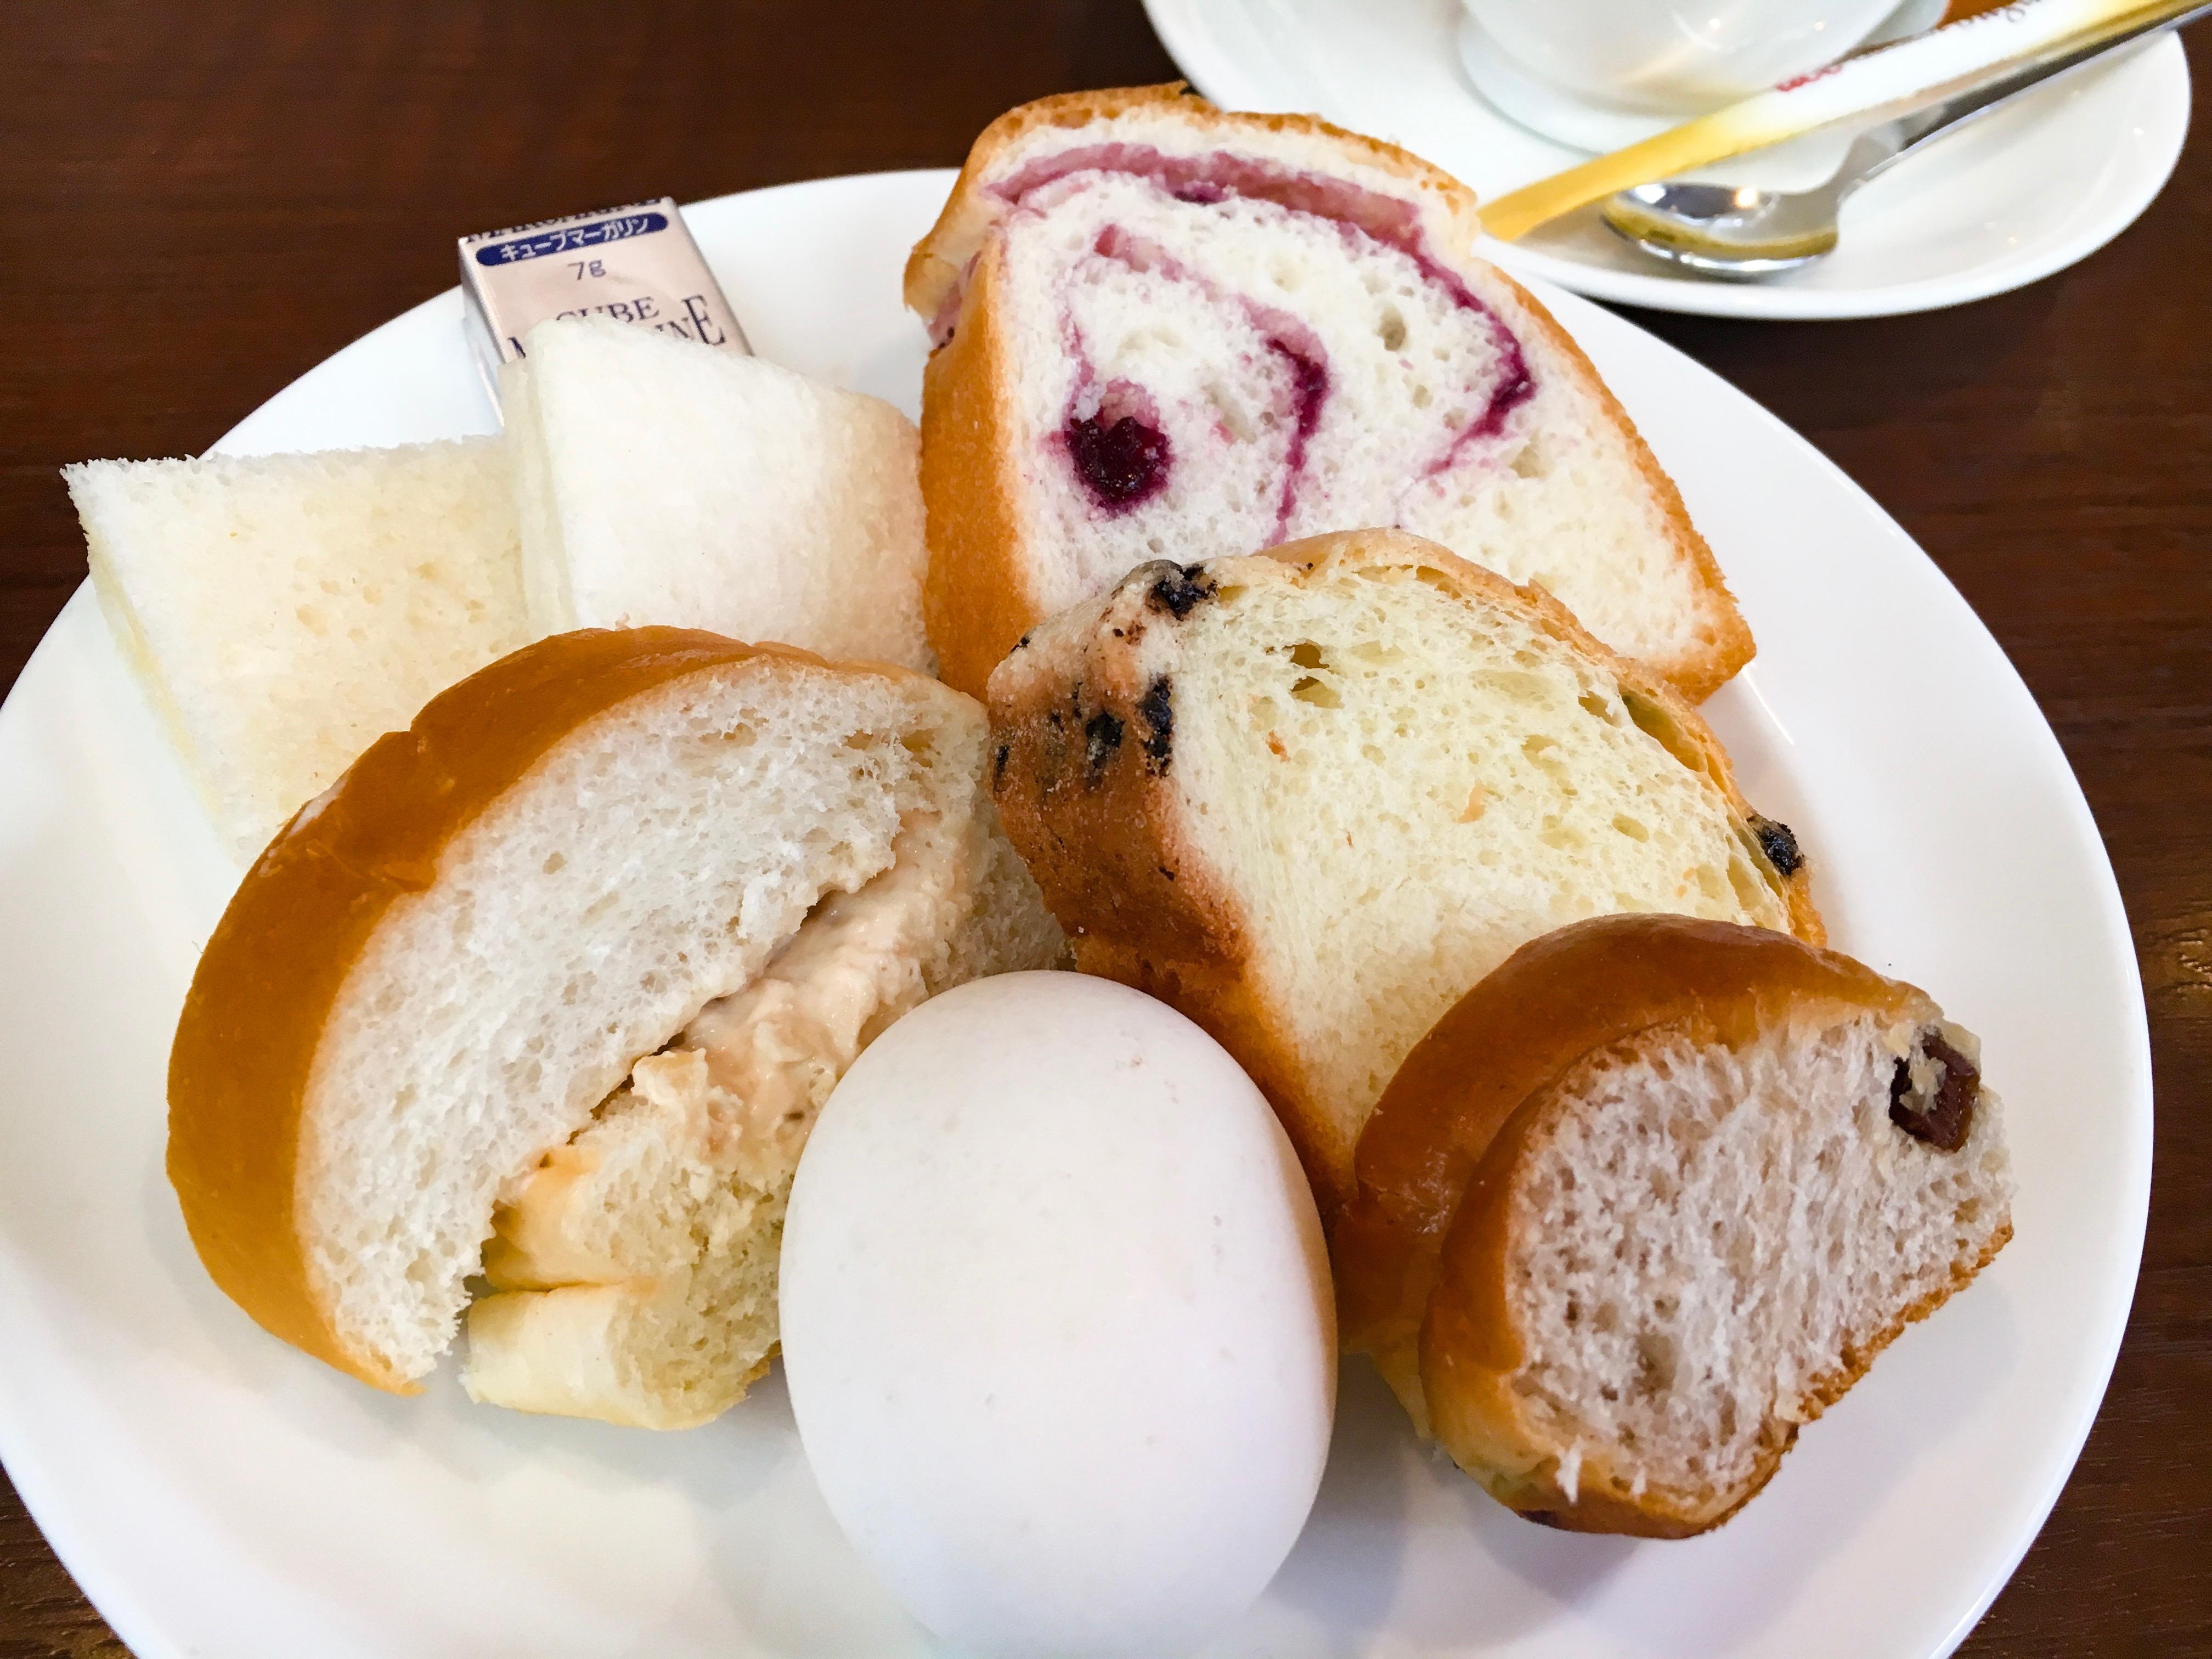 名古屋・大須で1日満喫!モーニングの「シャポーブラン」、焼き芋がうまい「れこると大須」、古民家でまったり「珈琲ぶりこ」